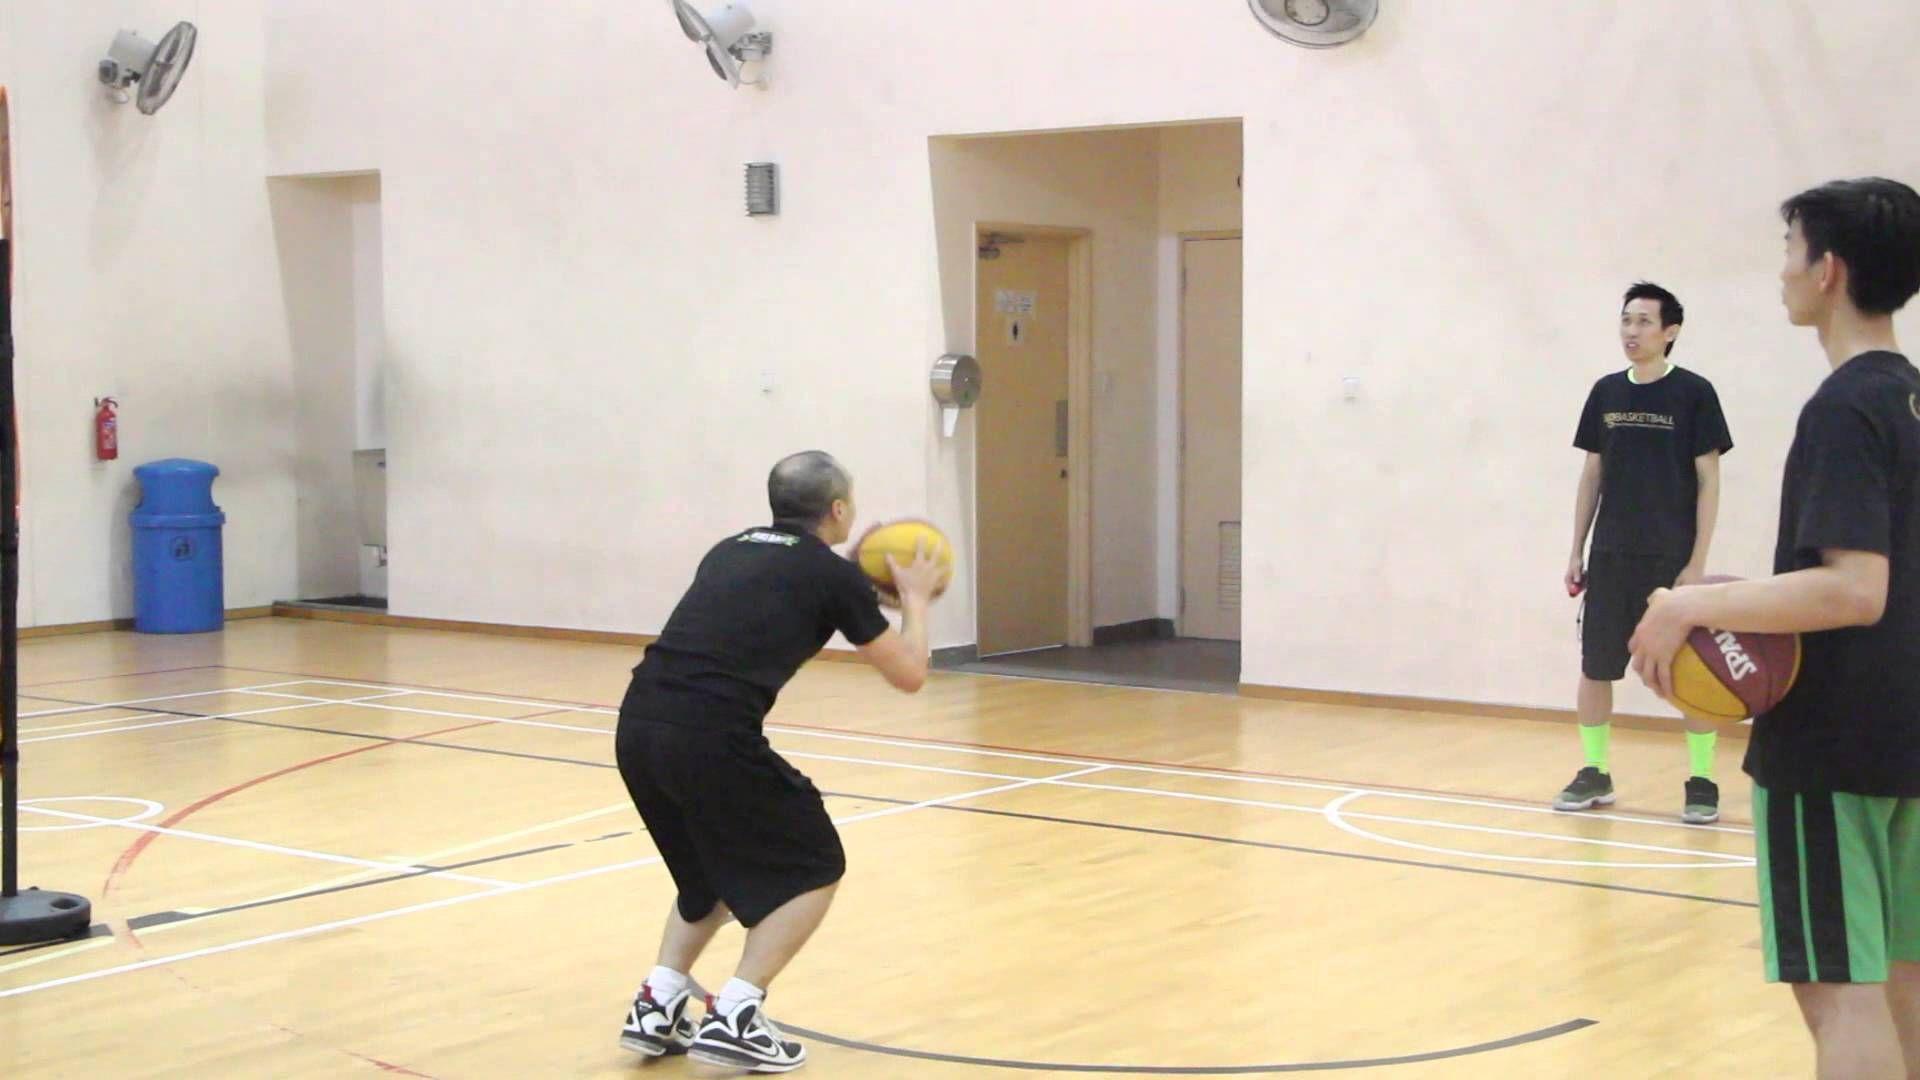 Pin On Basketball Training Sg Basketball Academy